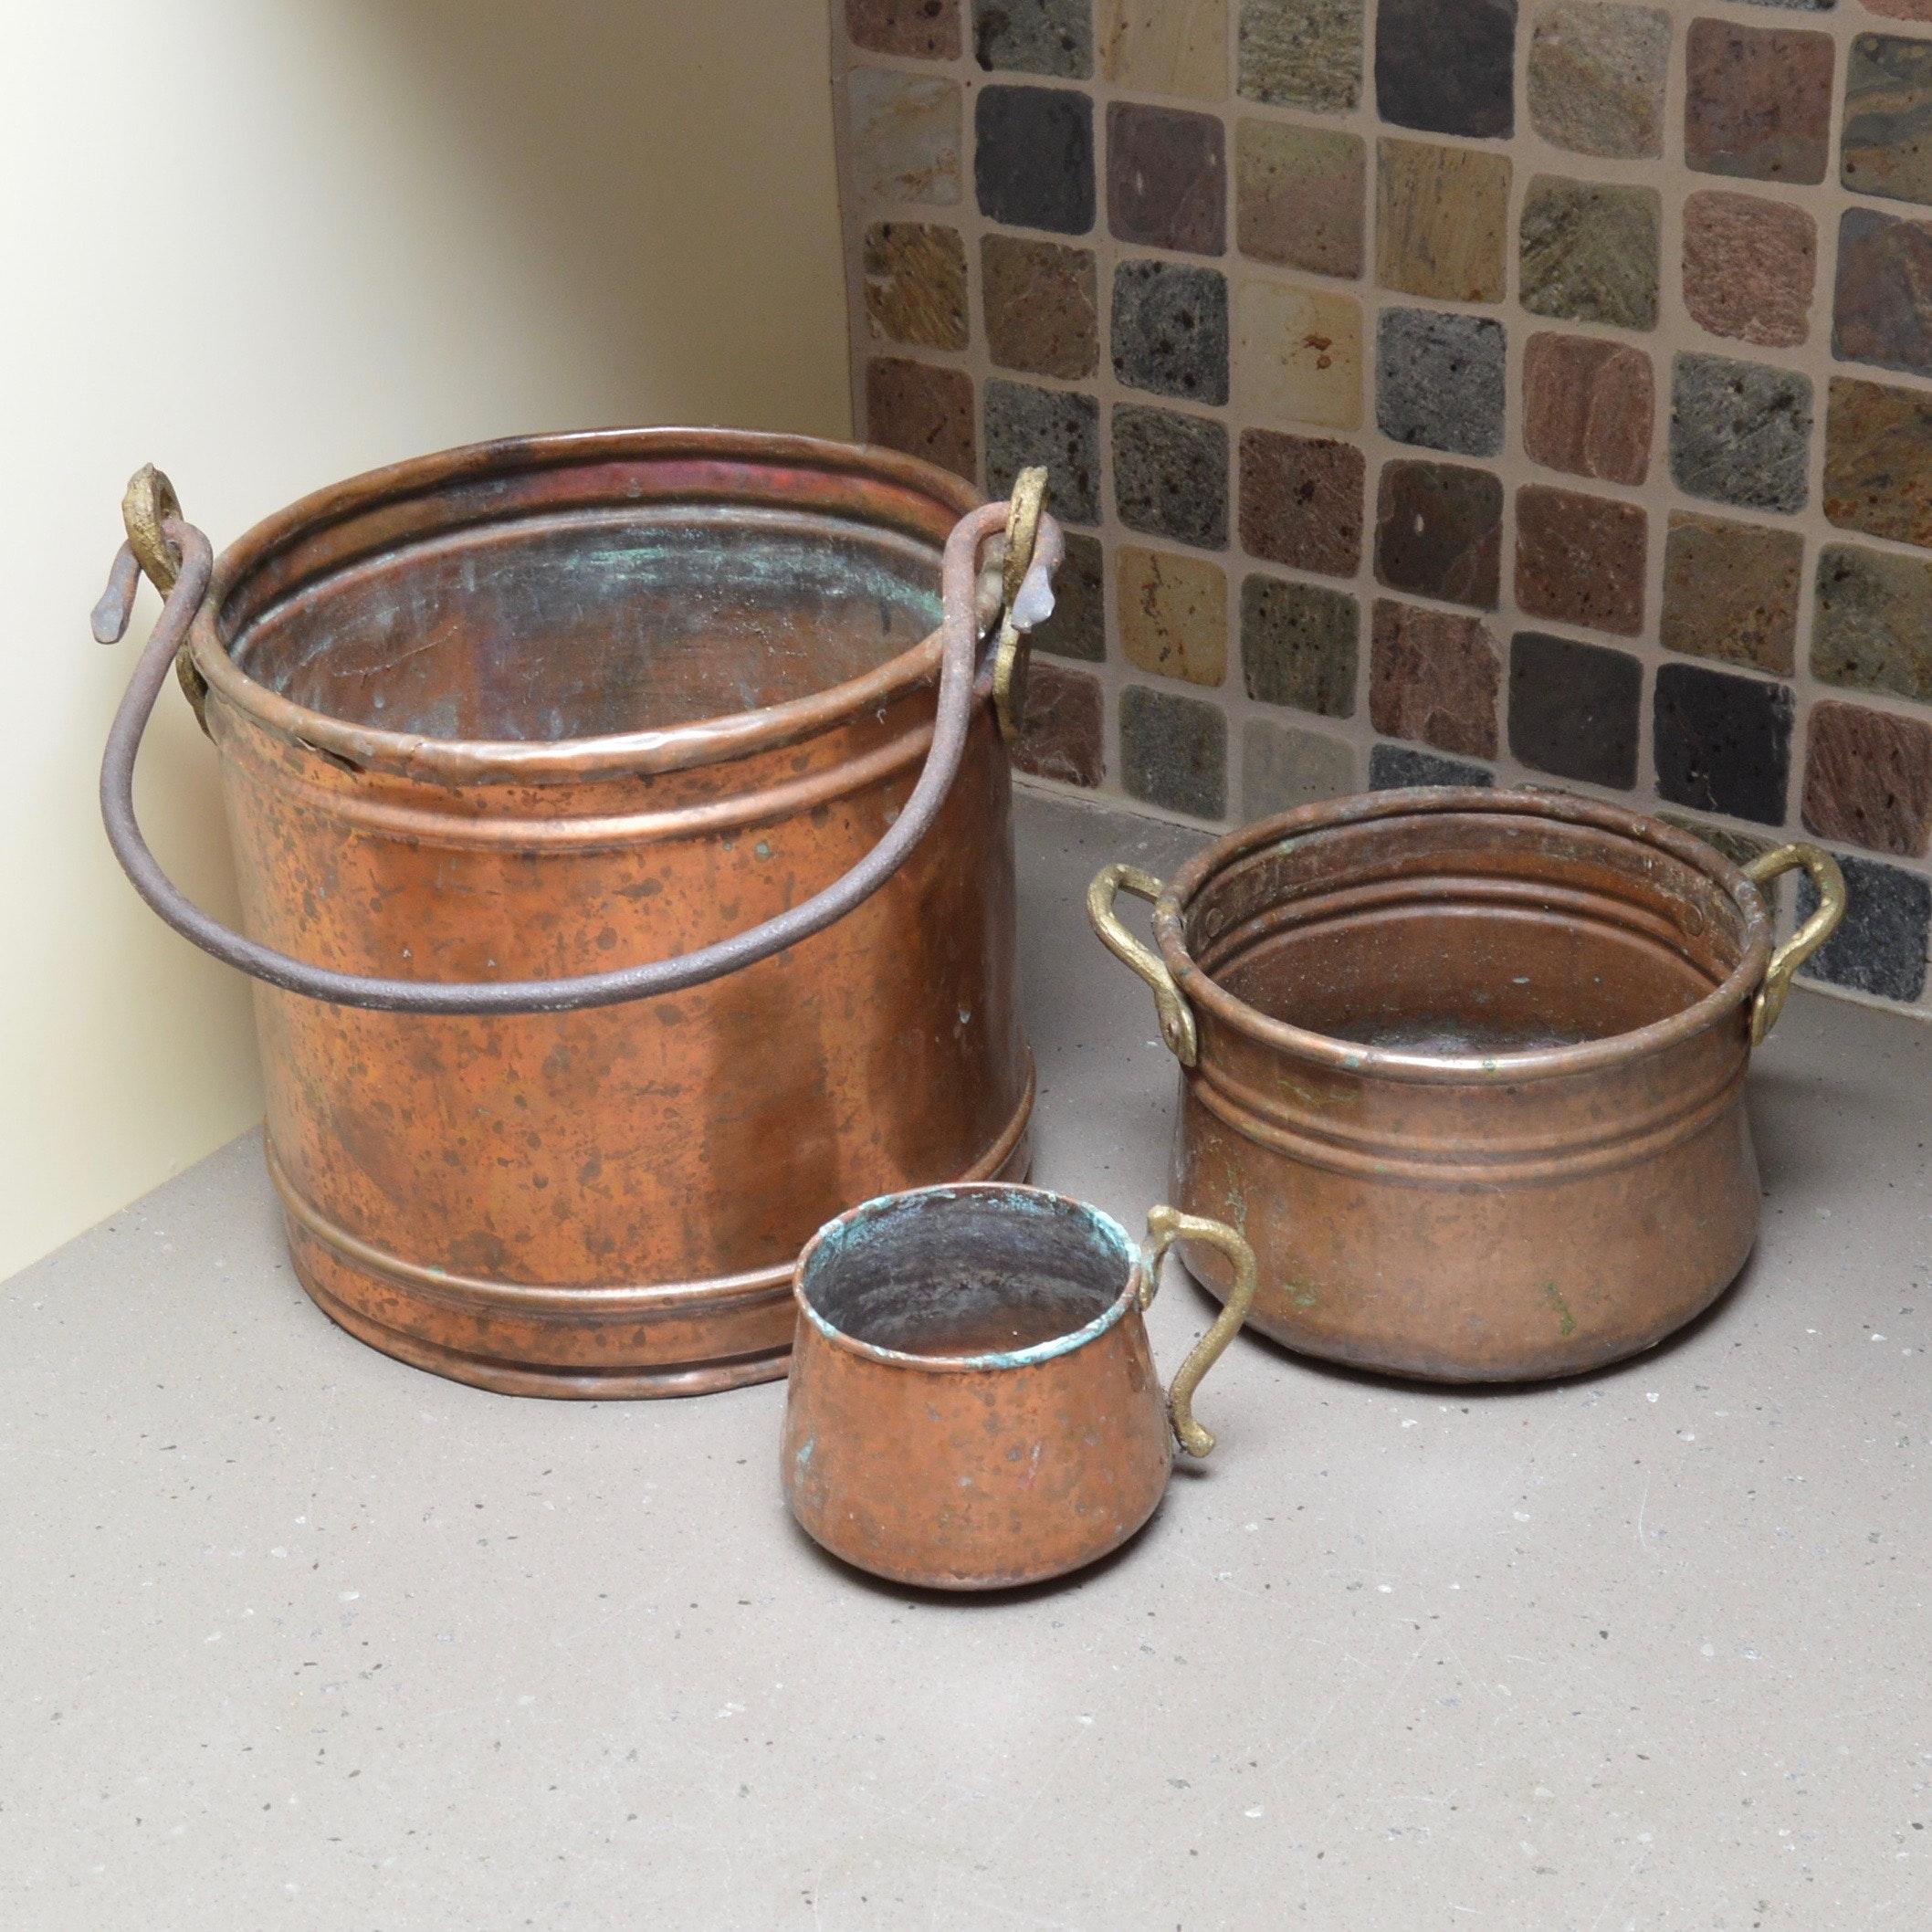 Set of Vintage Copper Pots